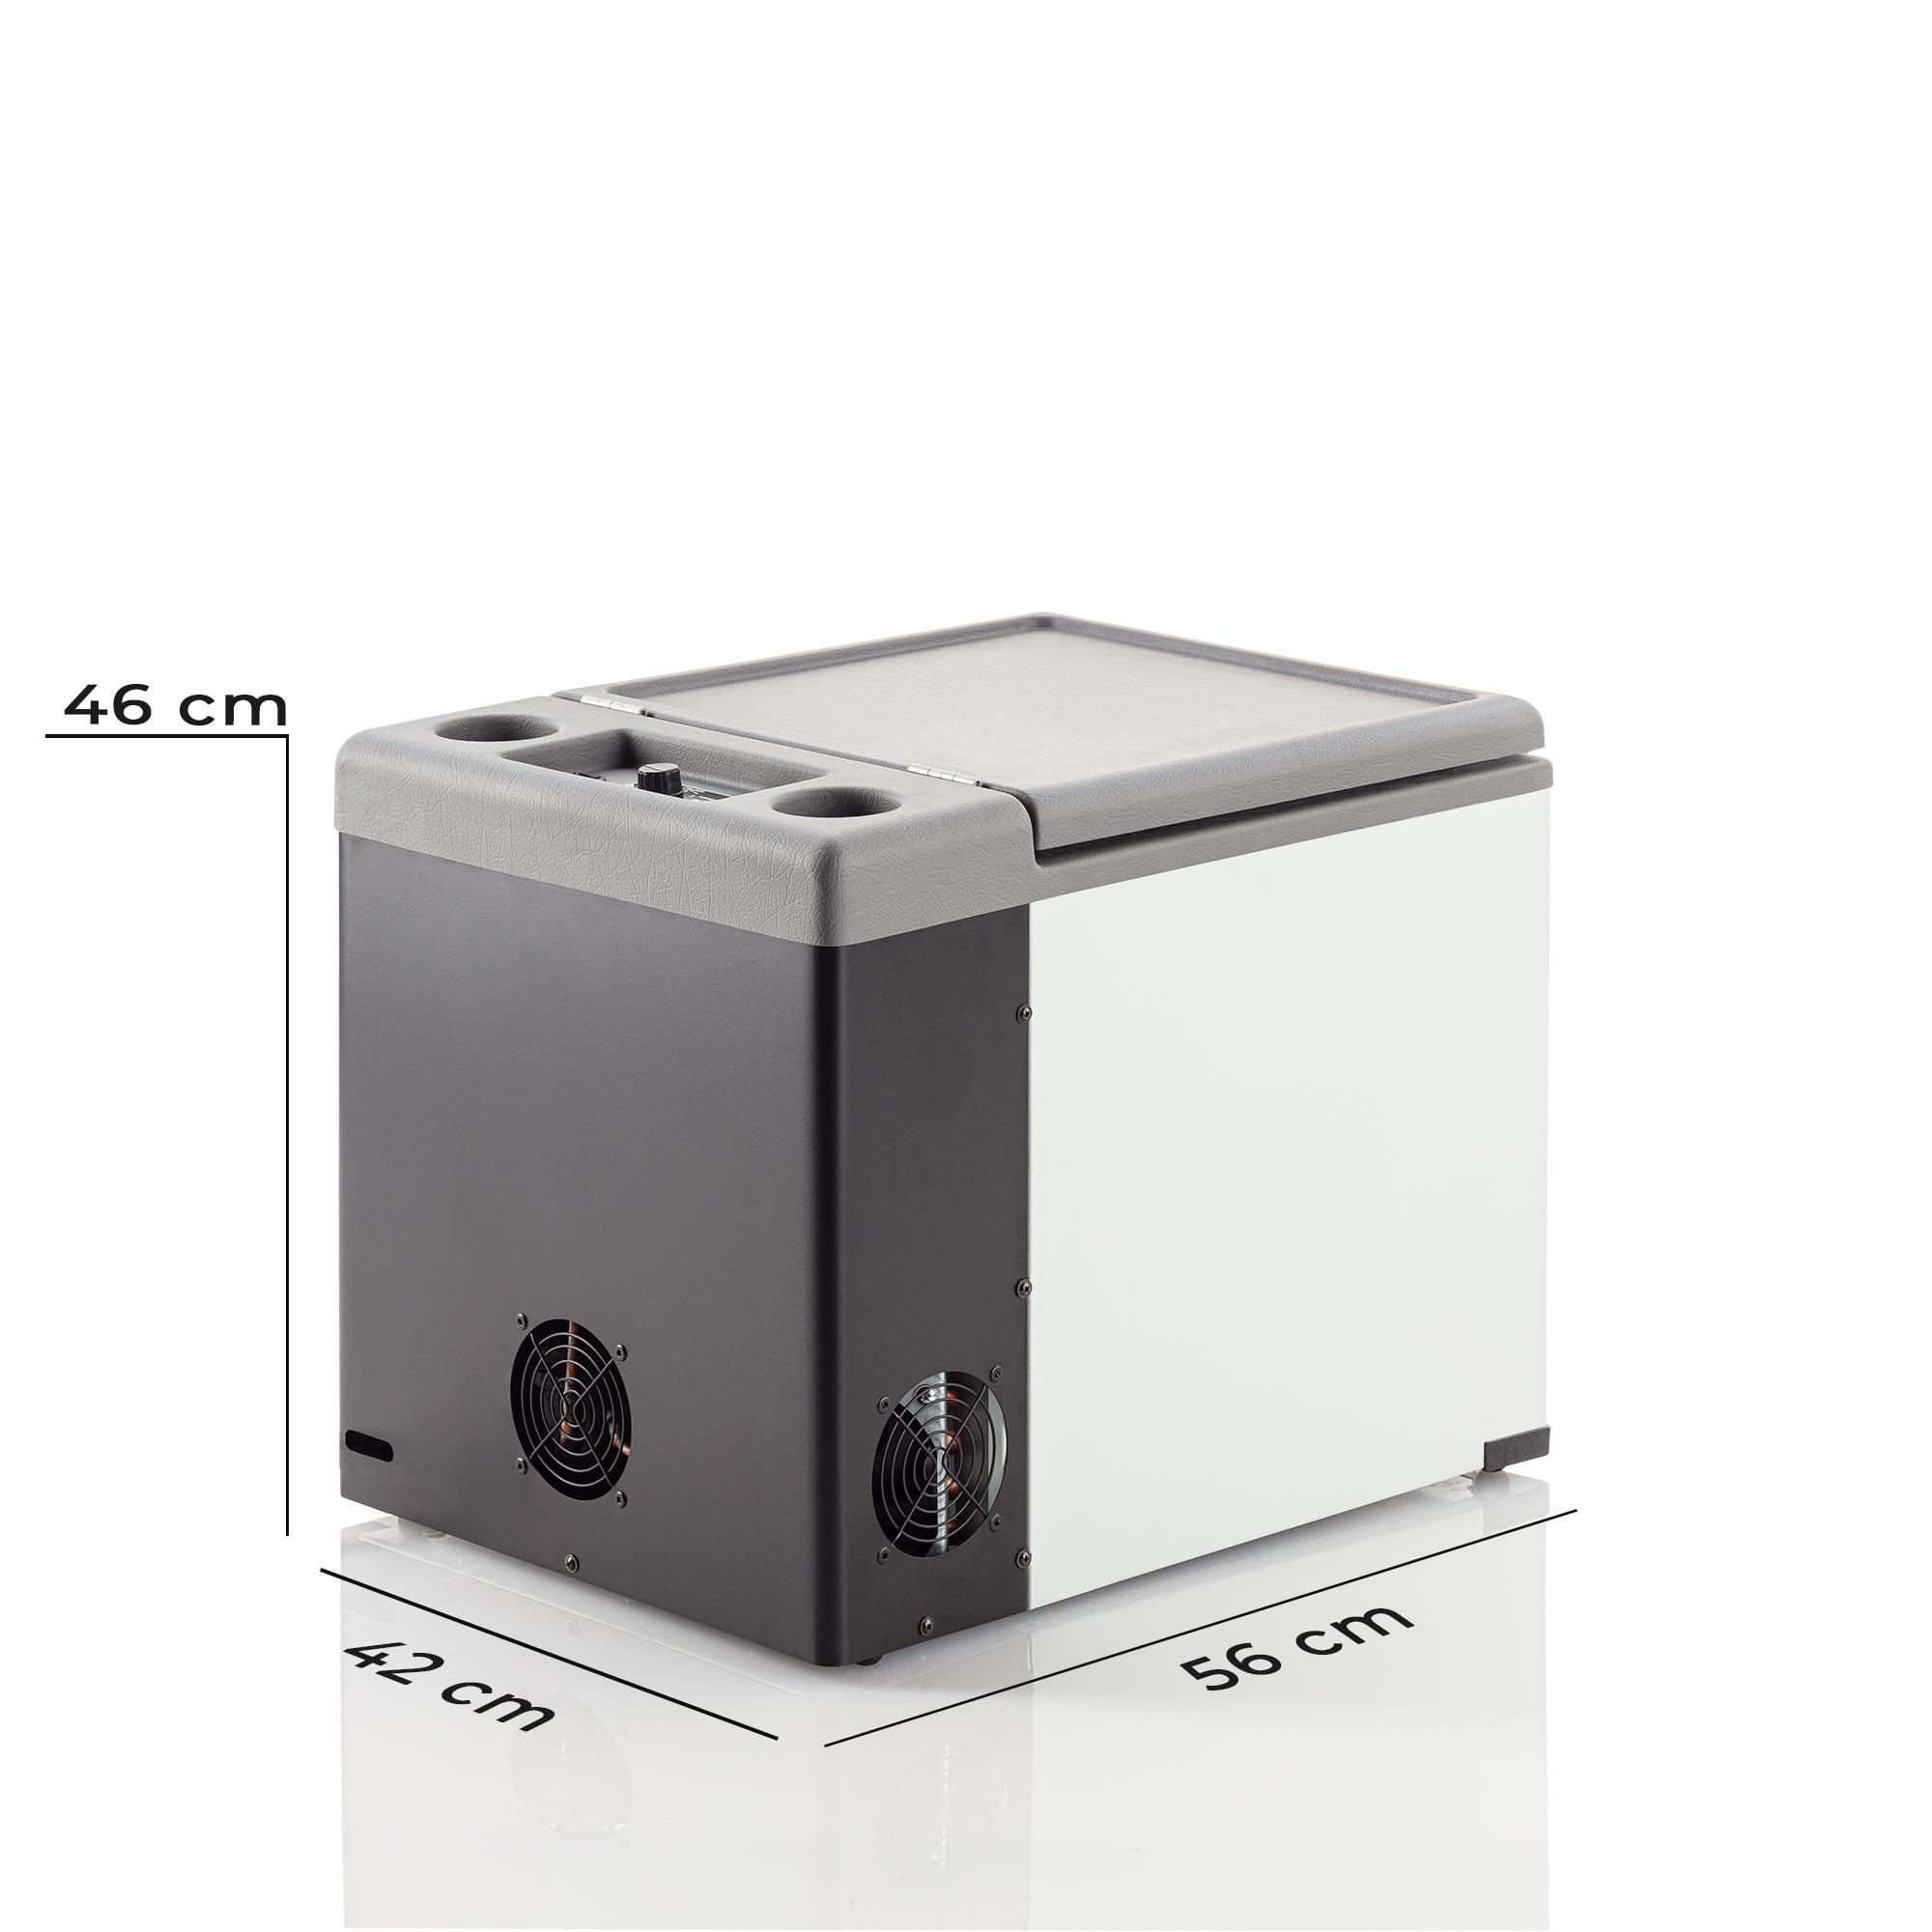 MEC 4245 36 LT Soğutucu Araç Buzdolabı